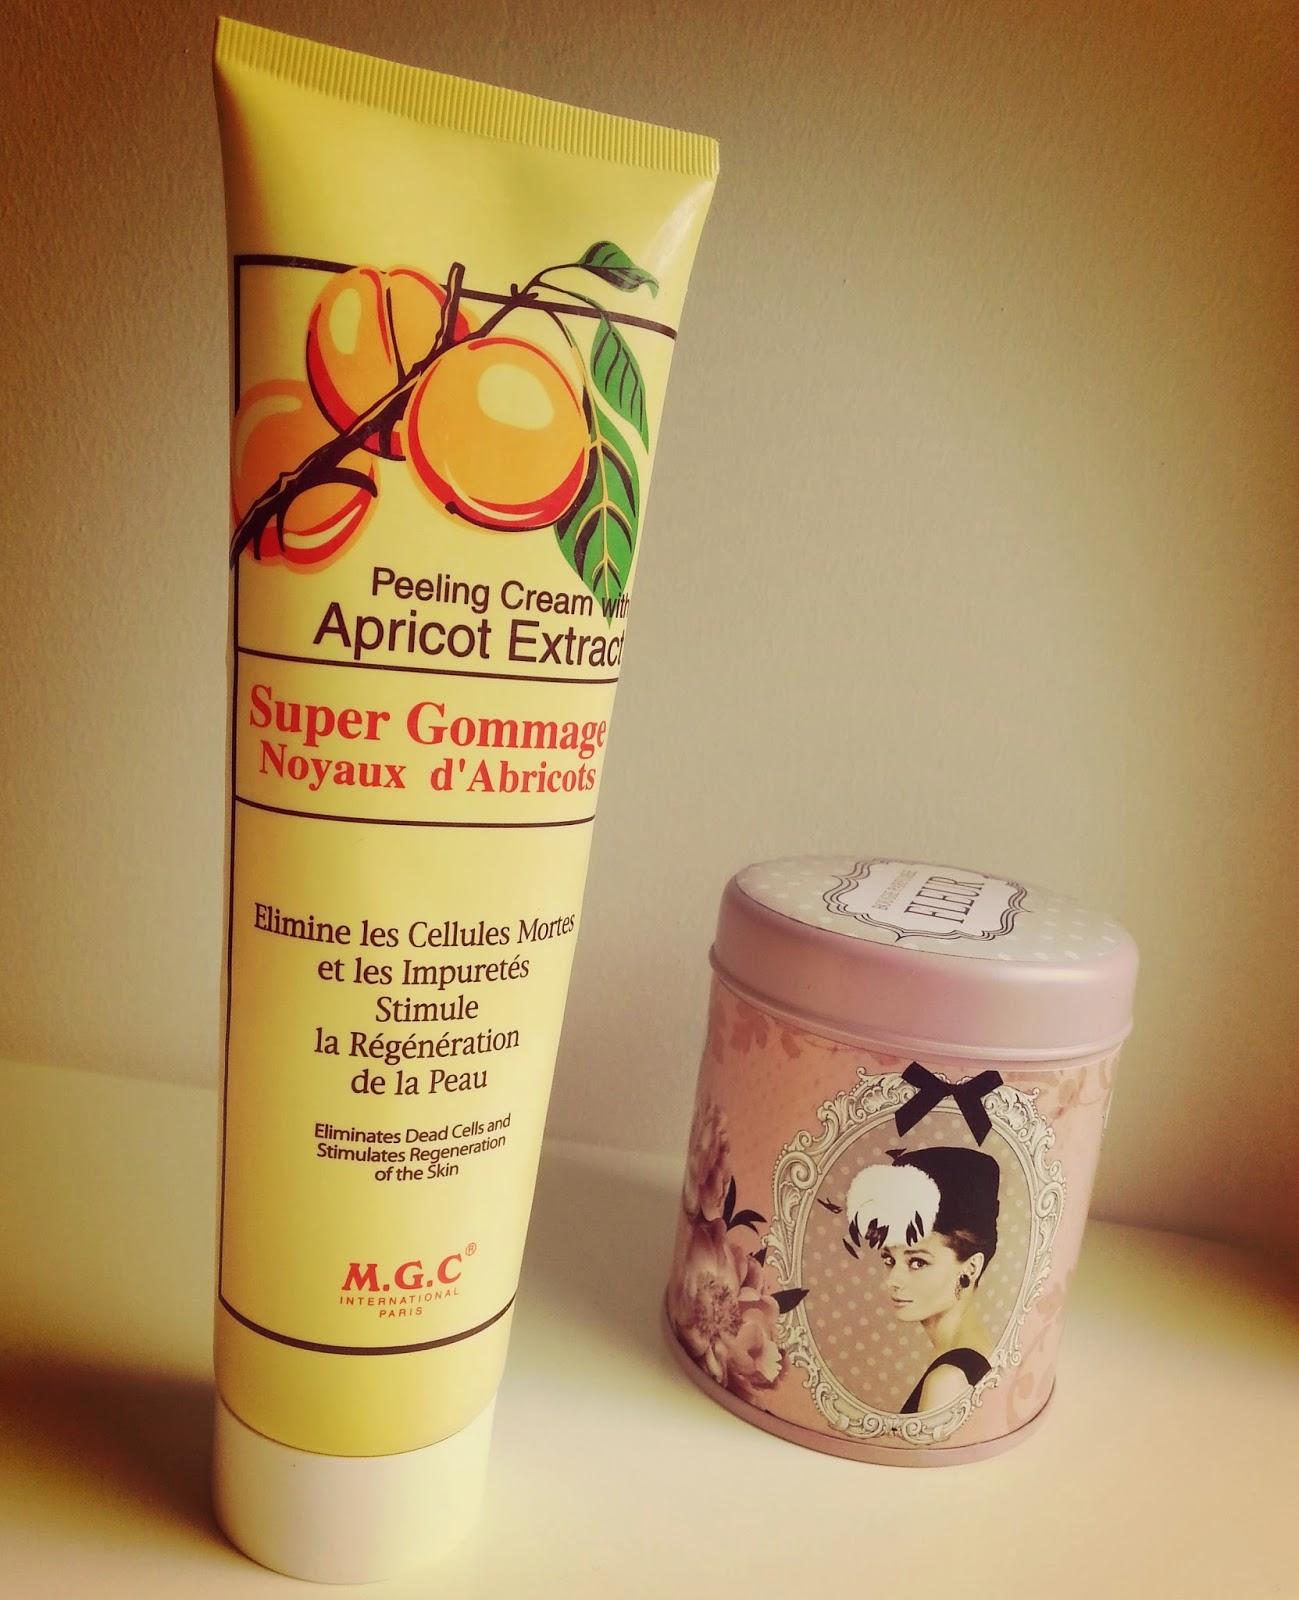 Noyaux d'abricots